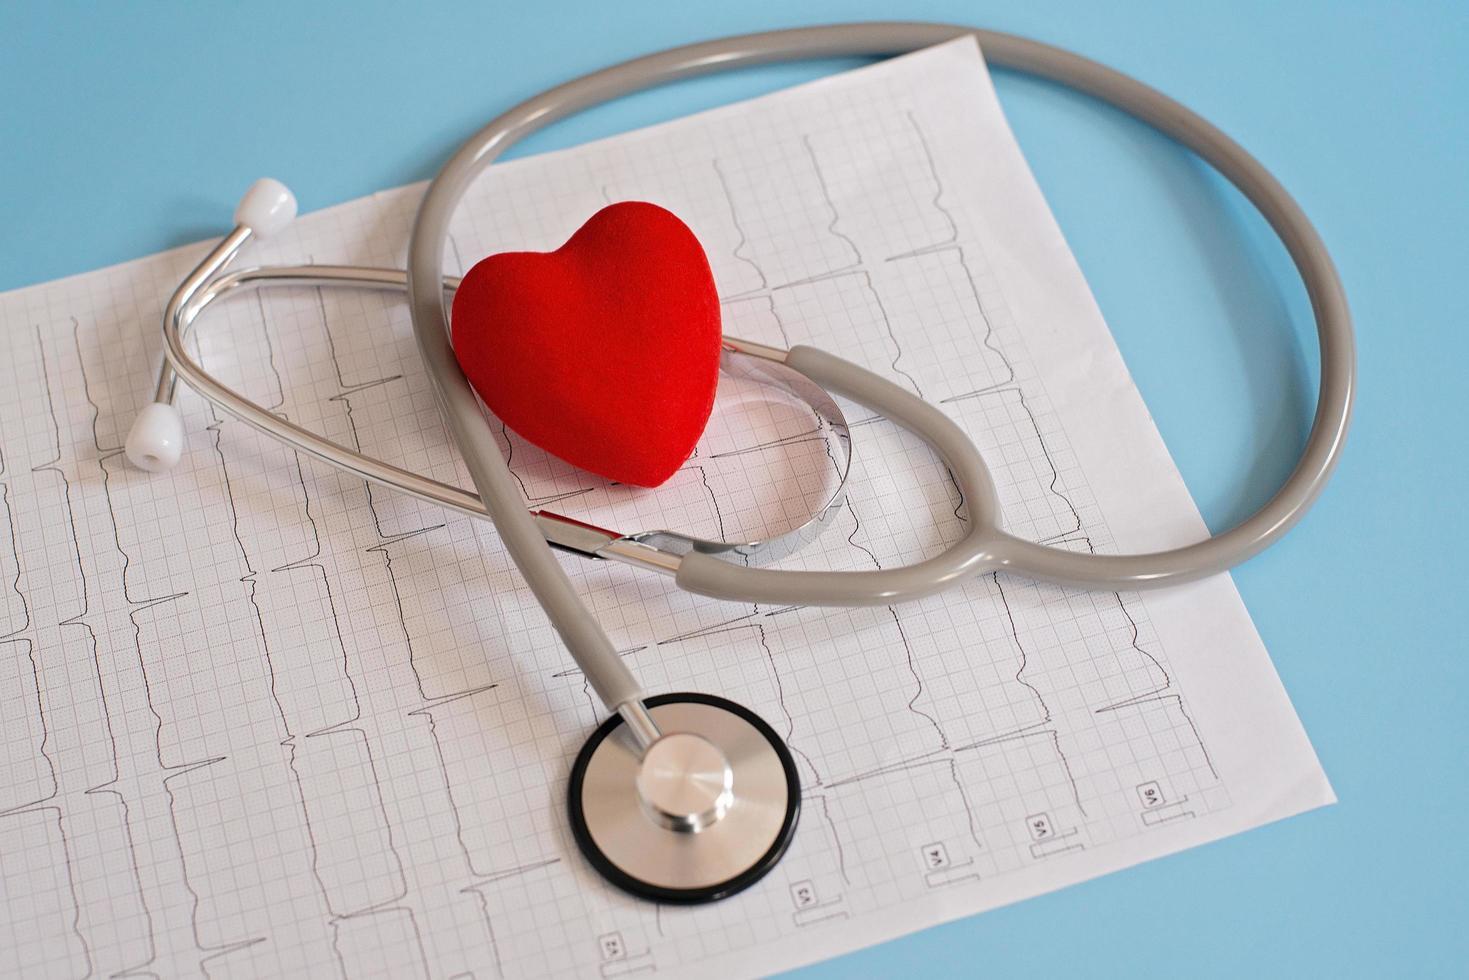 medicinsk stetoskop och rött hjärta som ligger på ett kardiogram. kardioterapeut, pulsmätare, hjärtfysik, foto